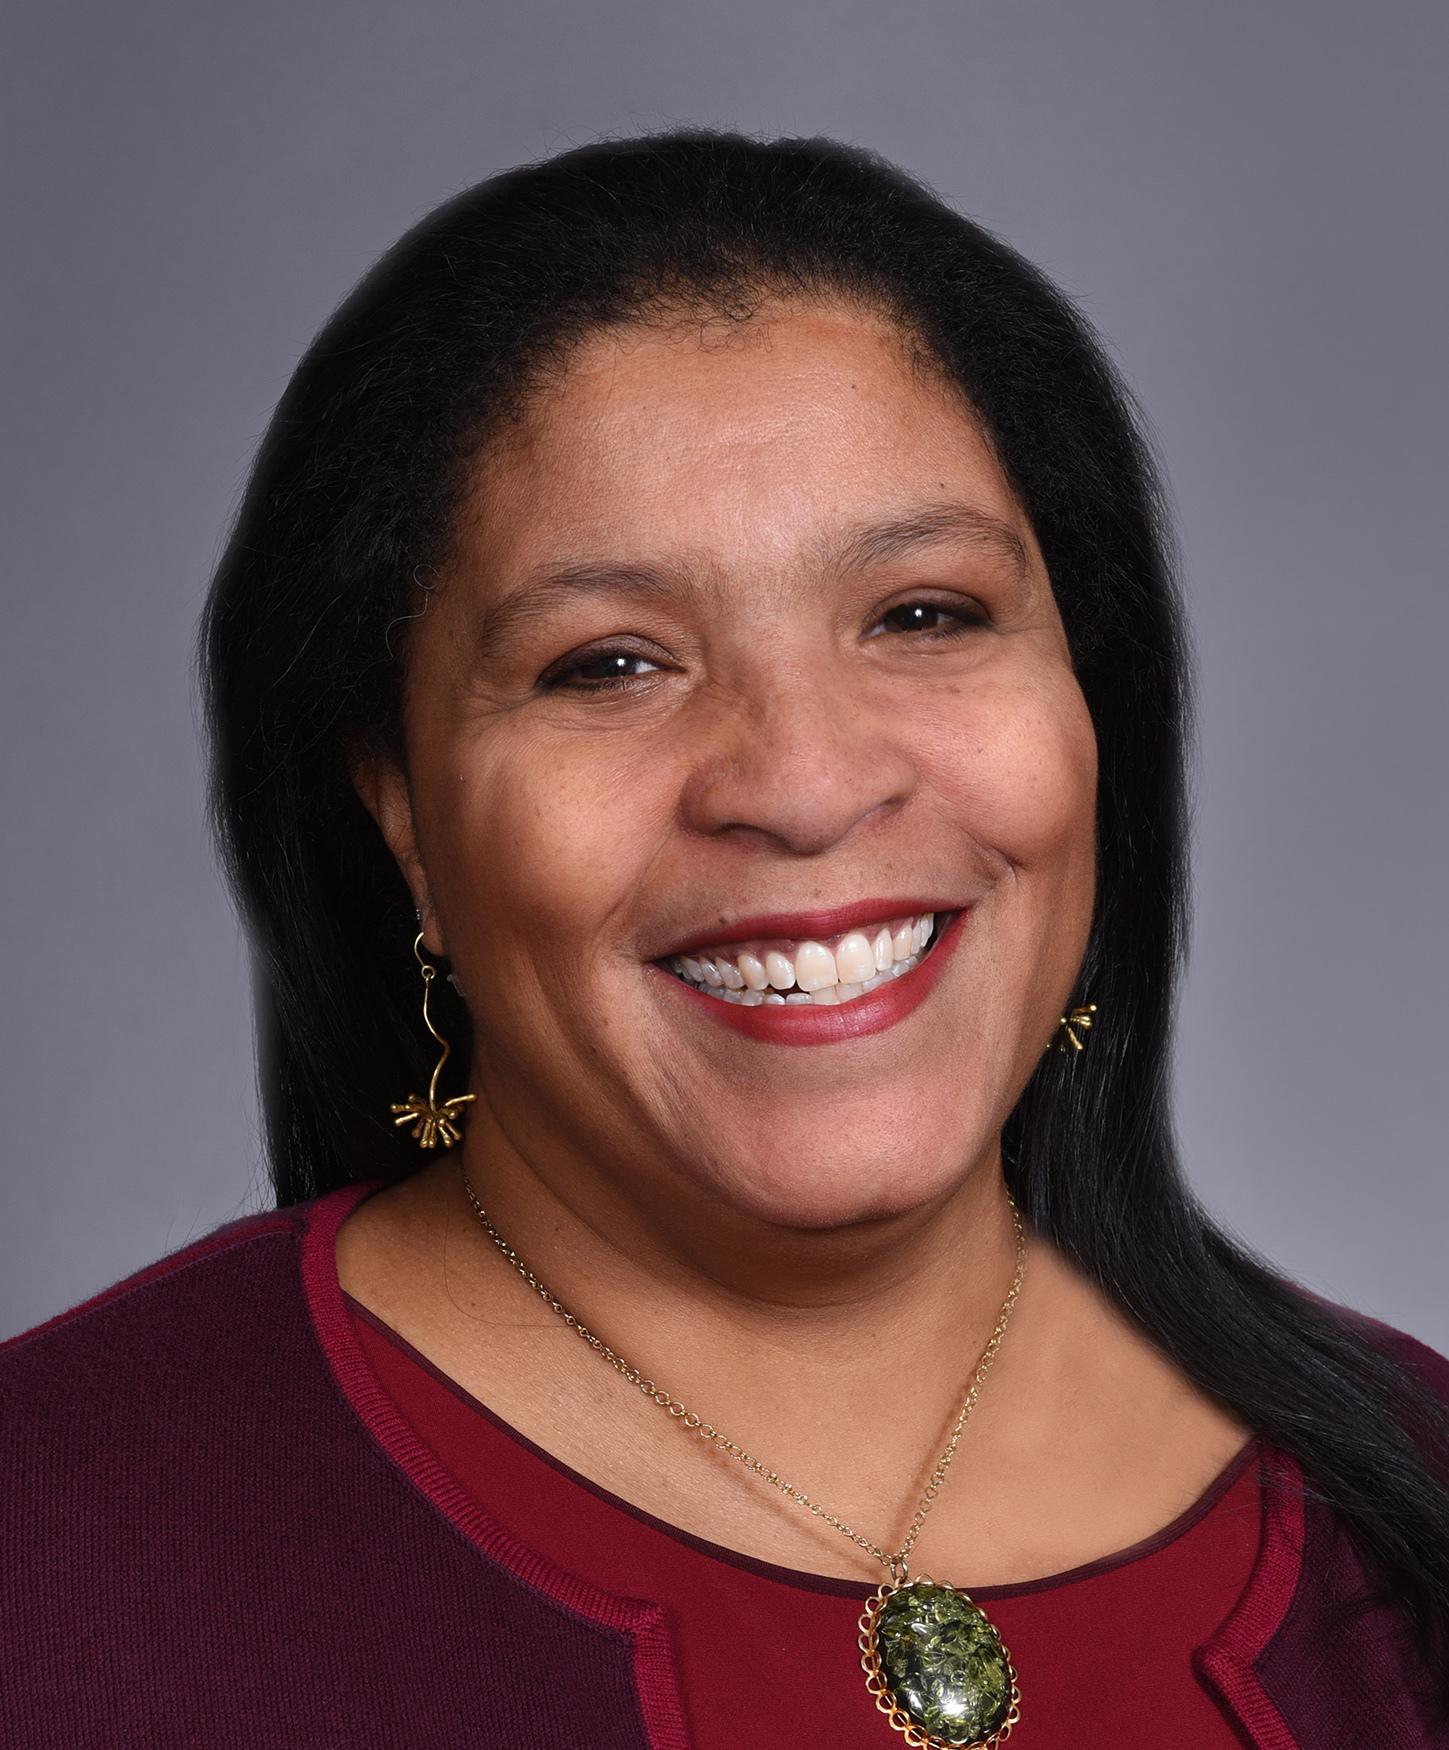 Picture of Deborah Ruffins